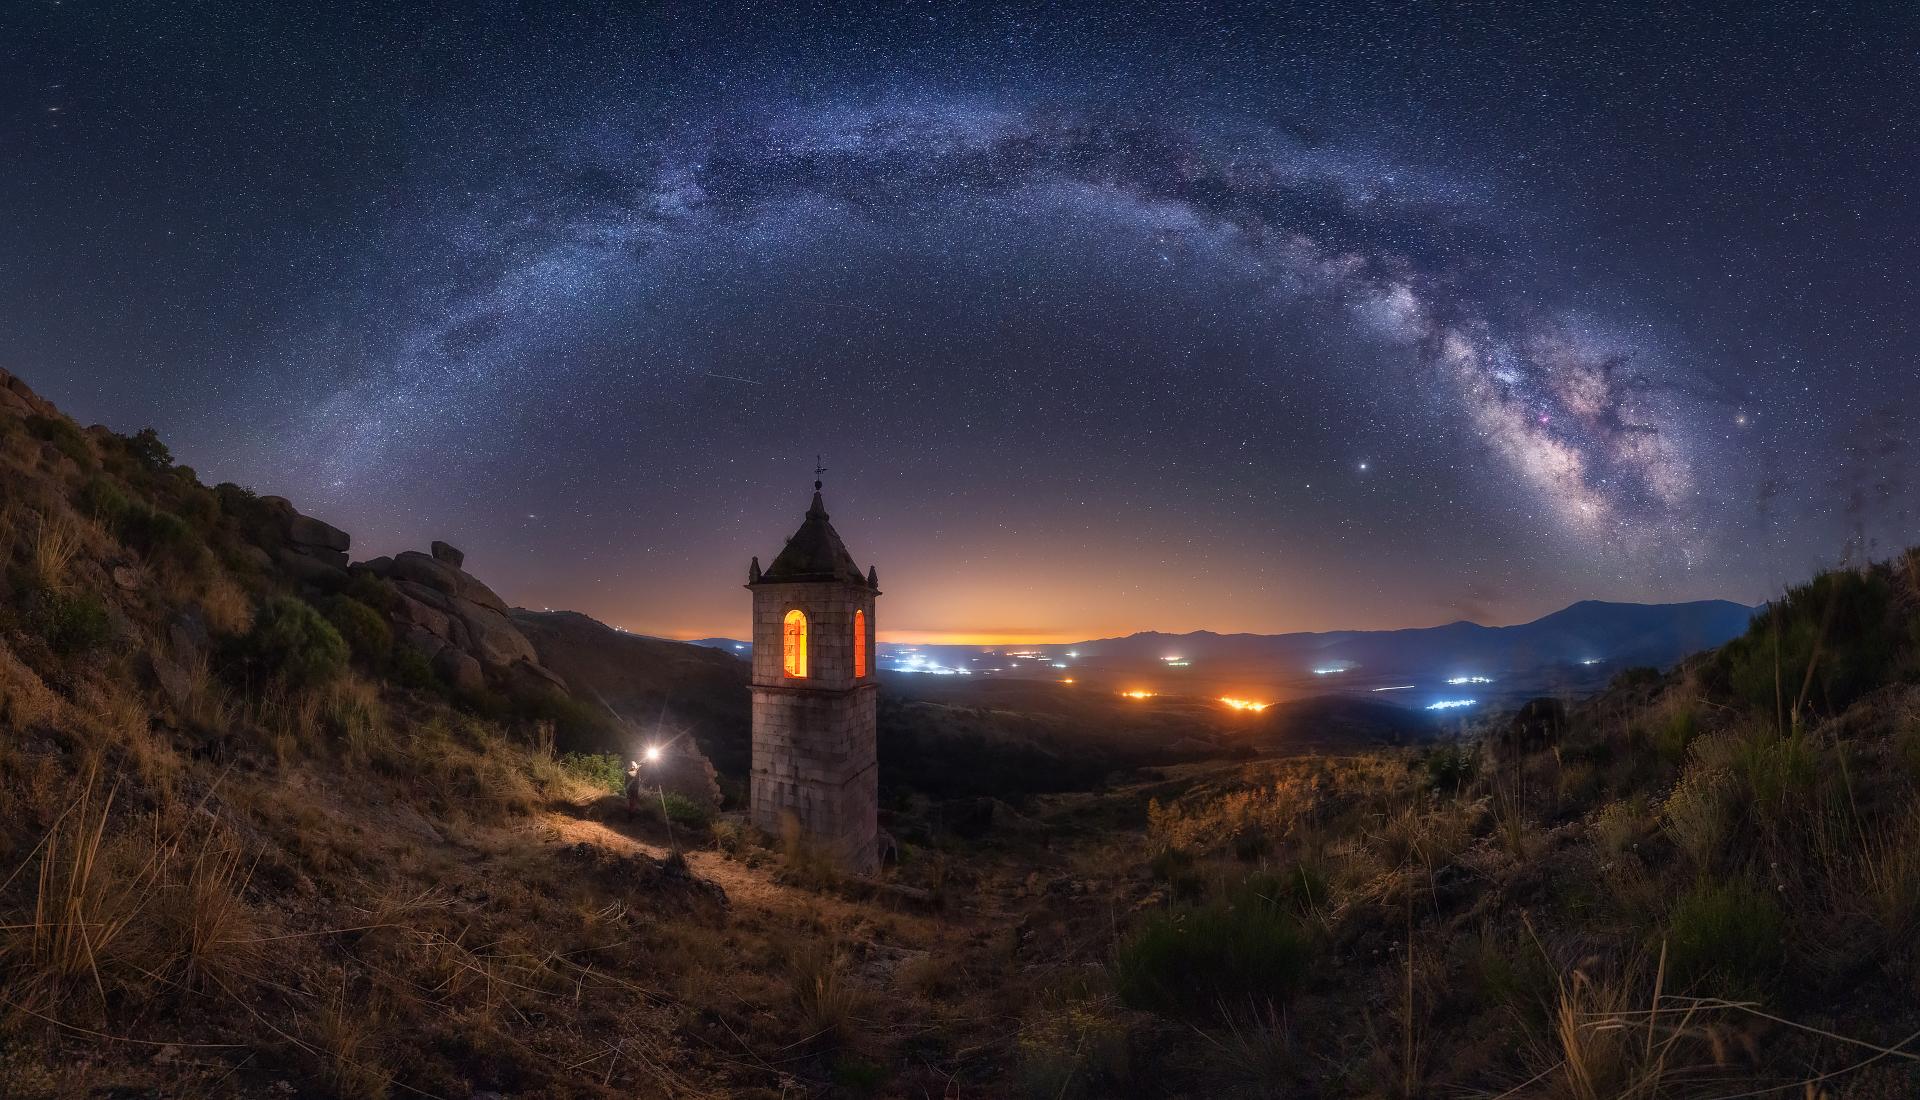 Noche en el Monasterio III